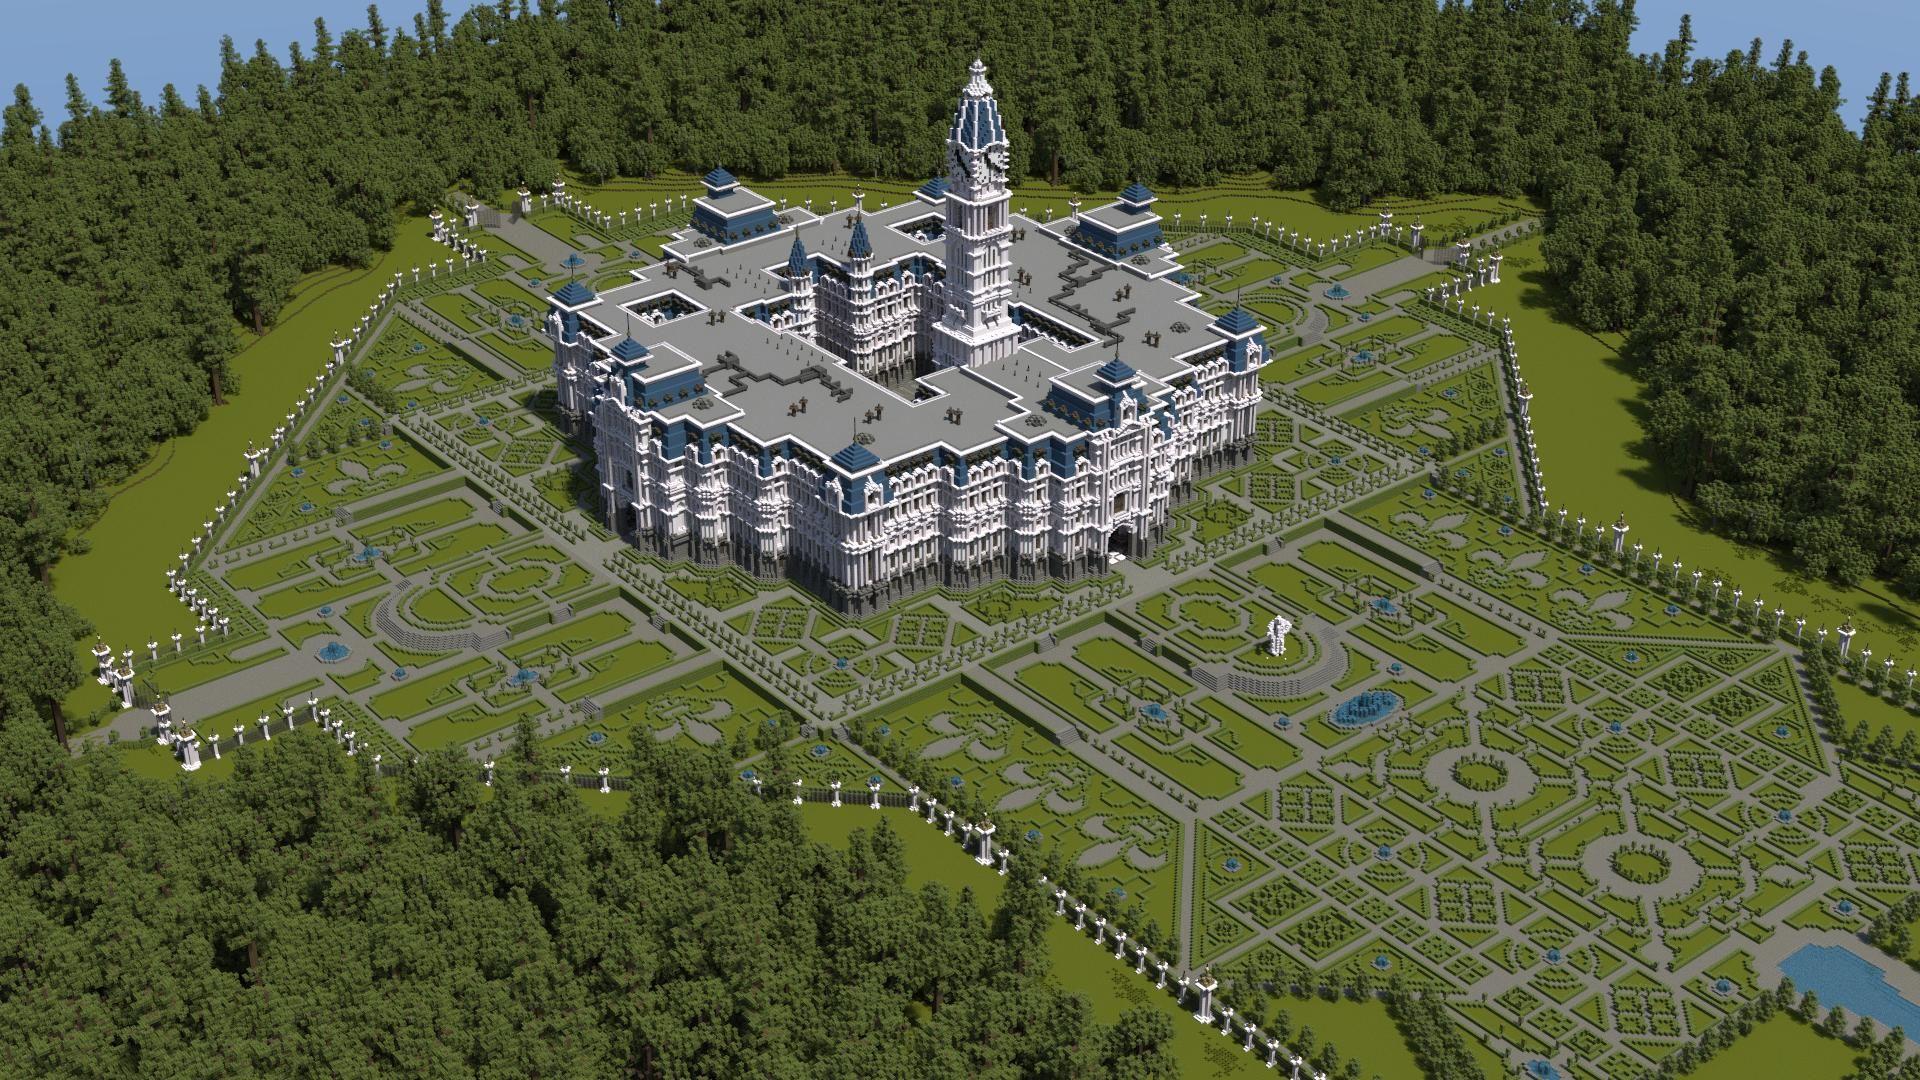 minecraft formal gardens - Google Search   Minecraft ...